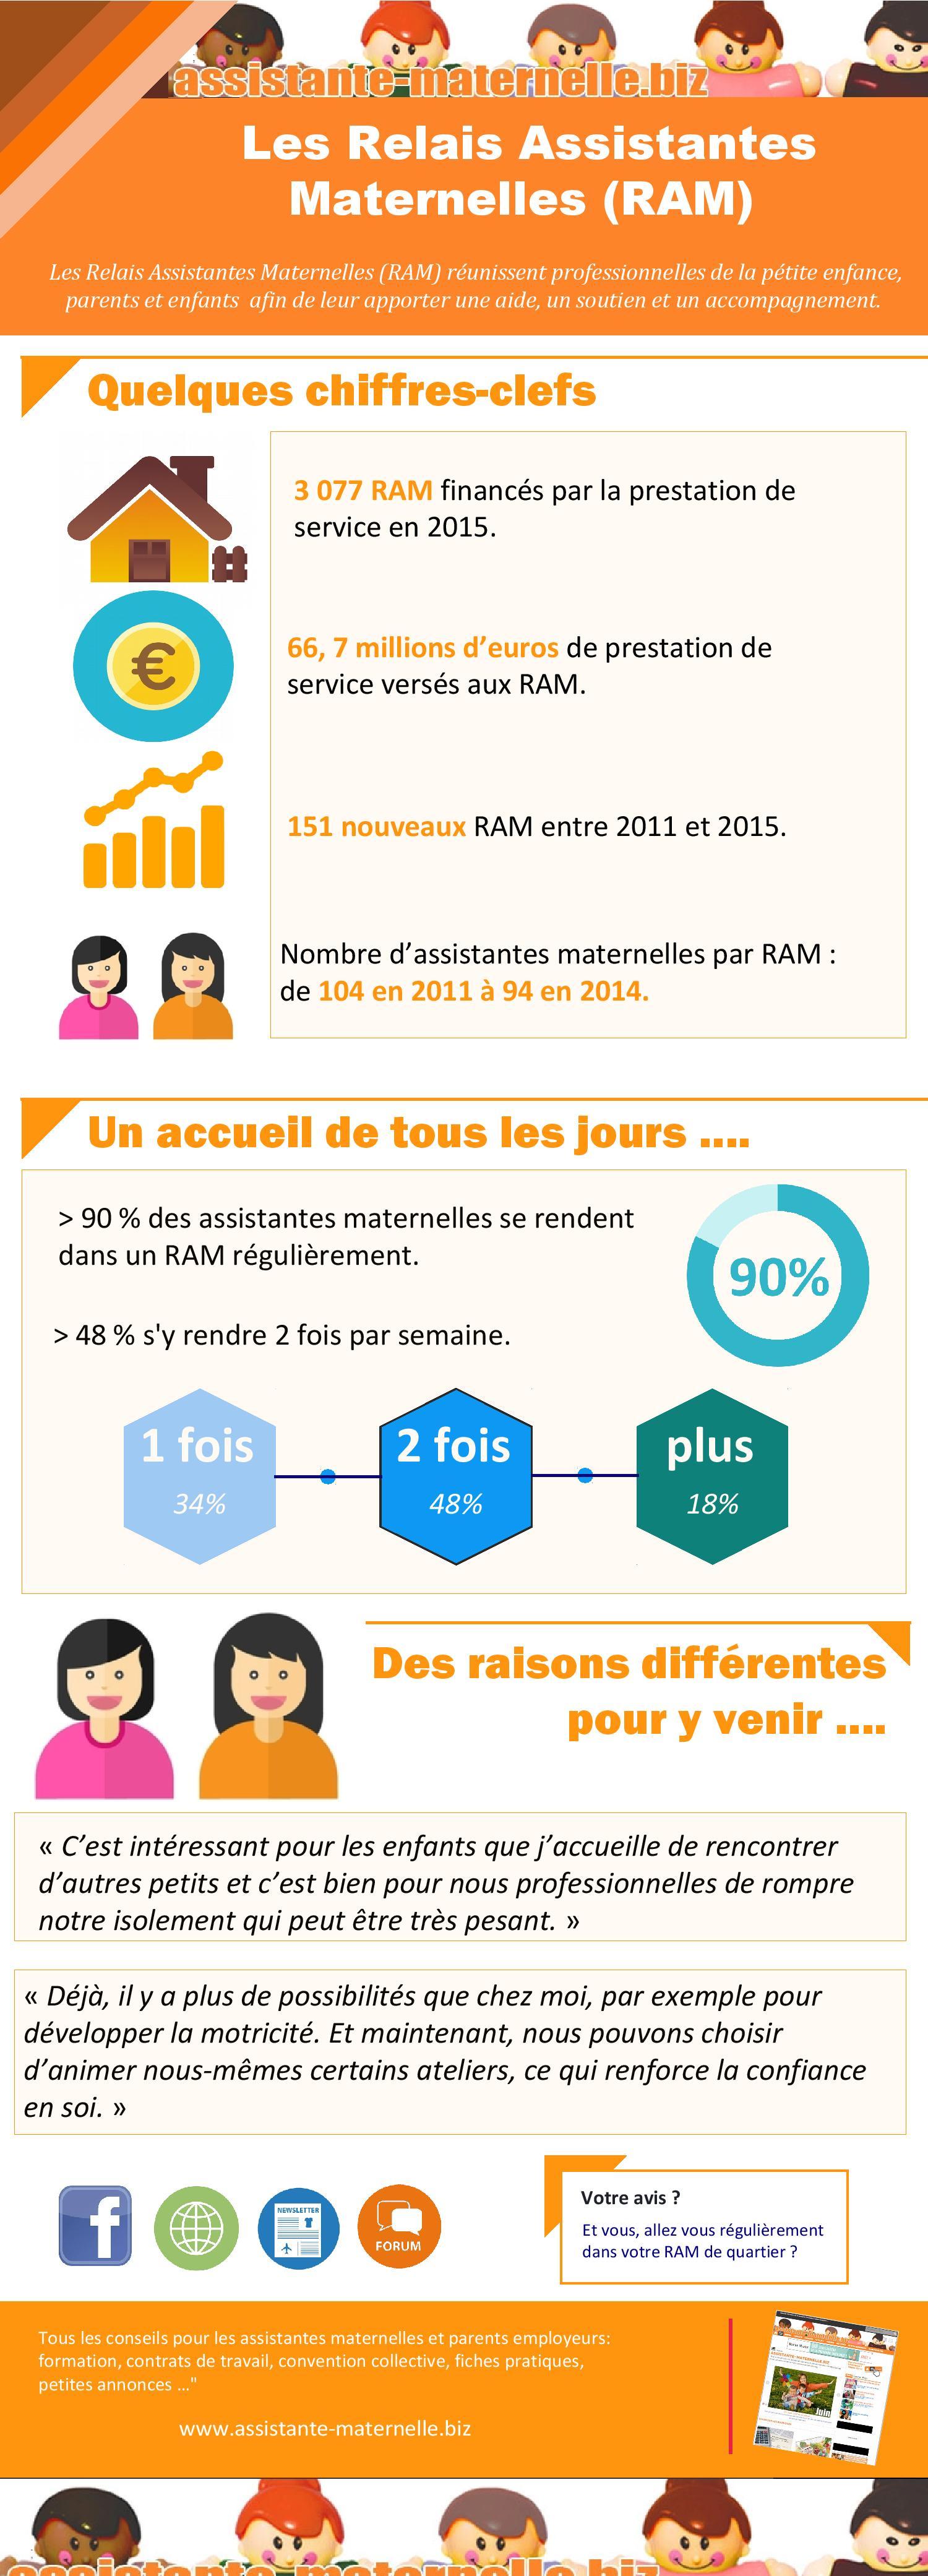 Infographie : les relais assistantes maternelles